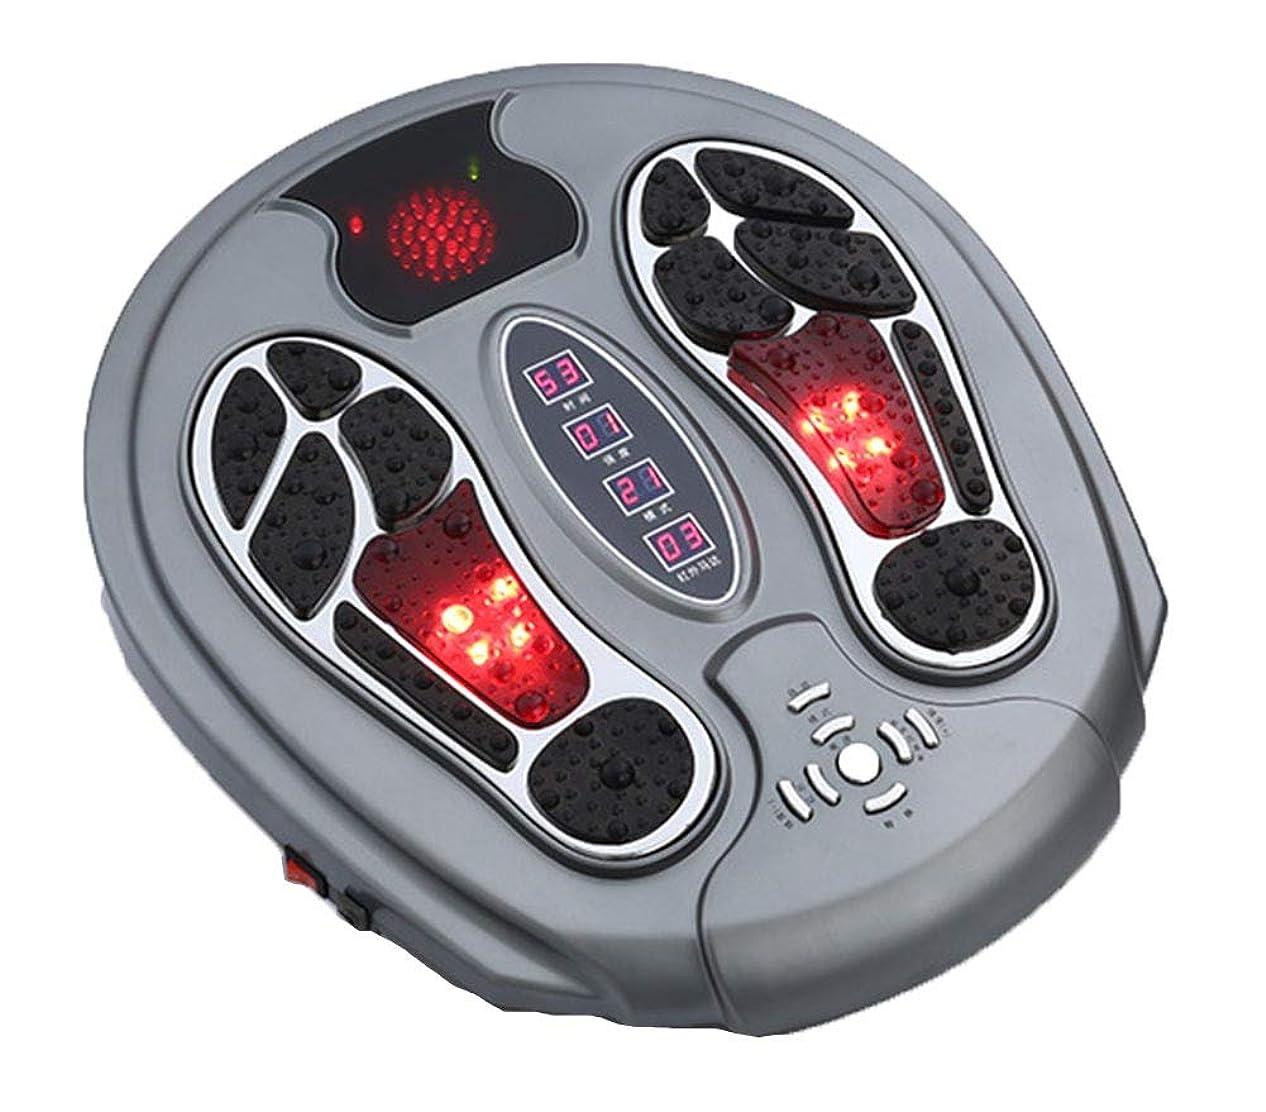 イベントアルプス保全調整可能Foot Massager Stimulator - Booster Circulation、身体を刺激する99の強度設定、赤外線機能付き リラックス